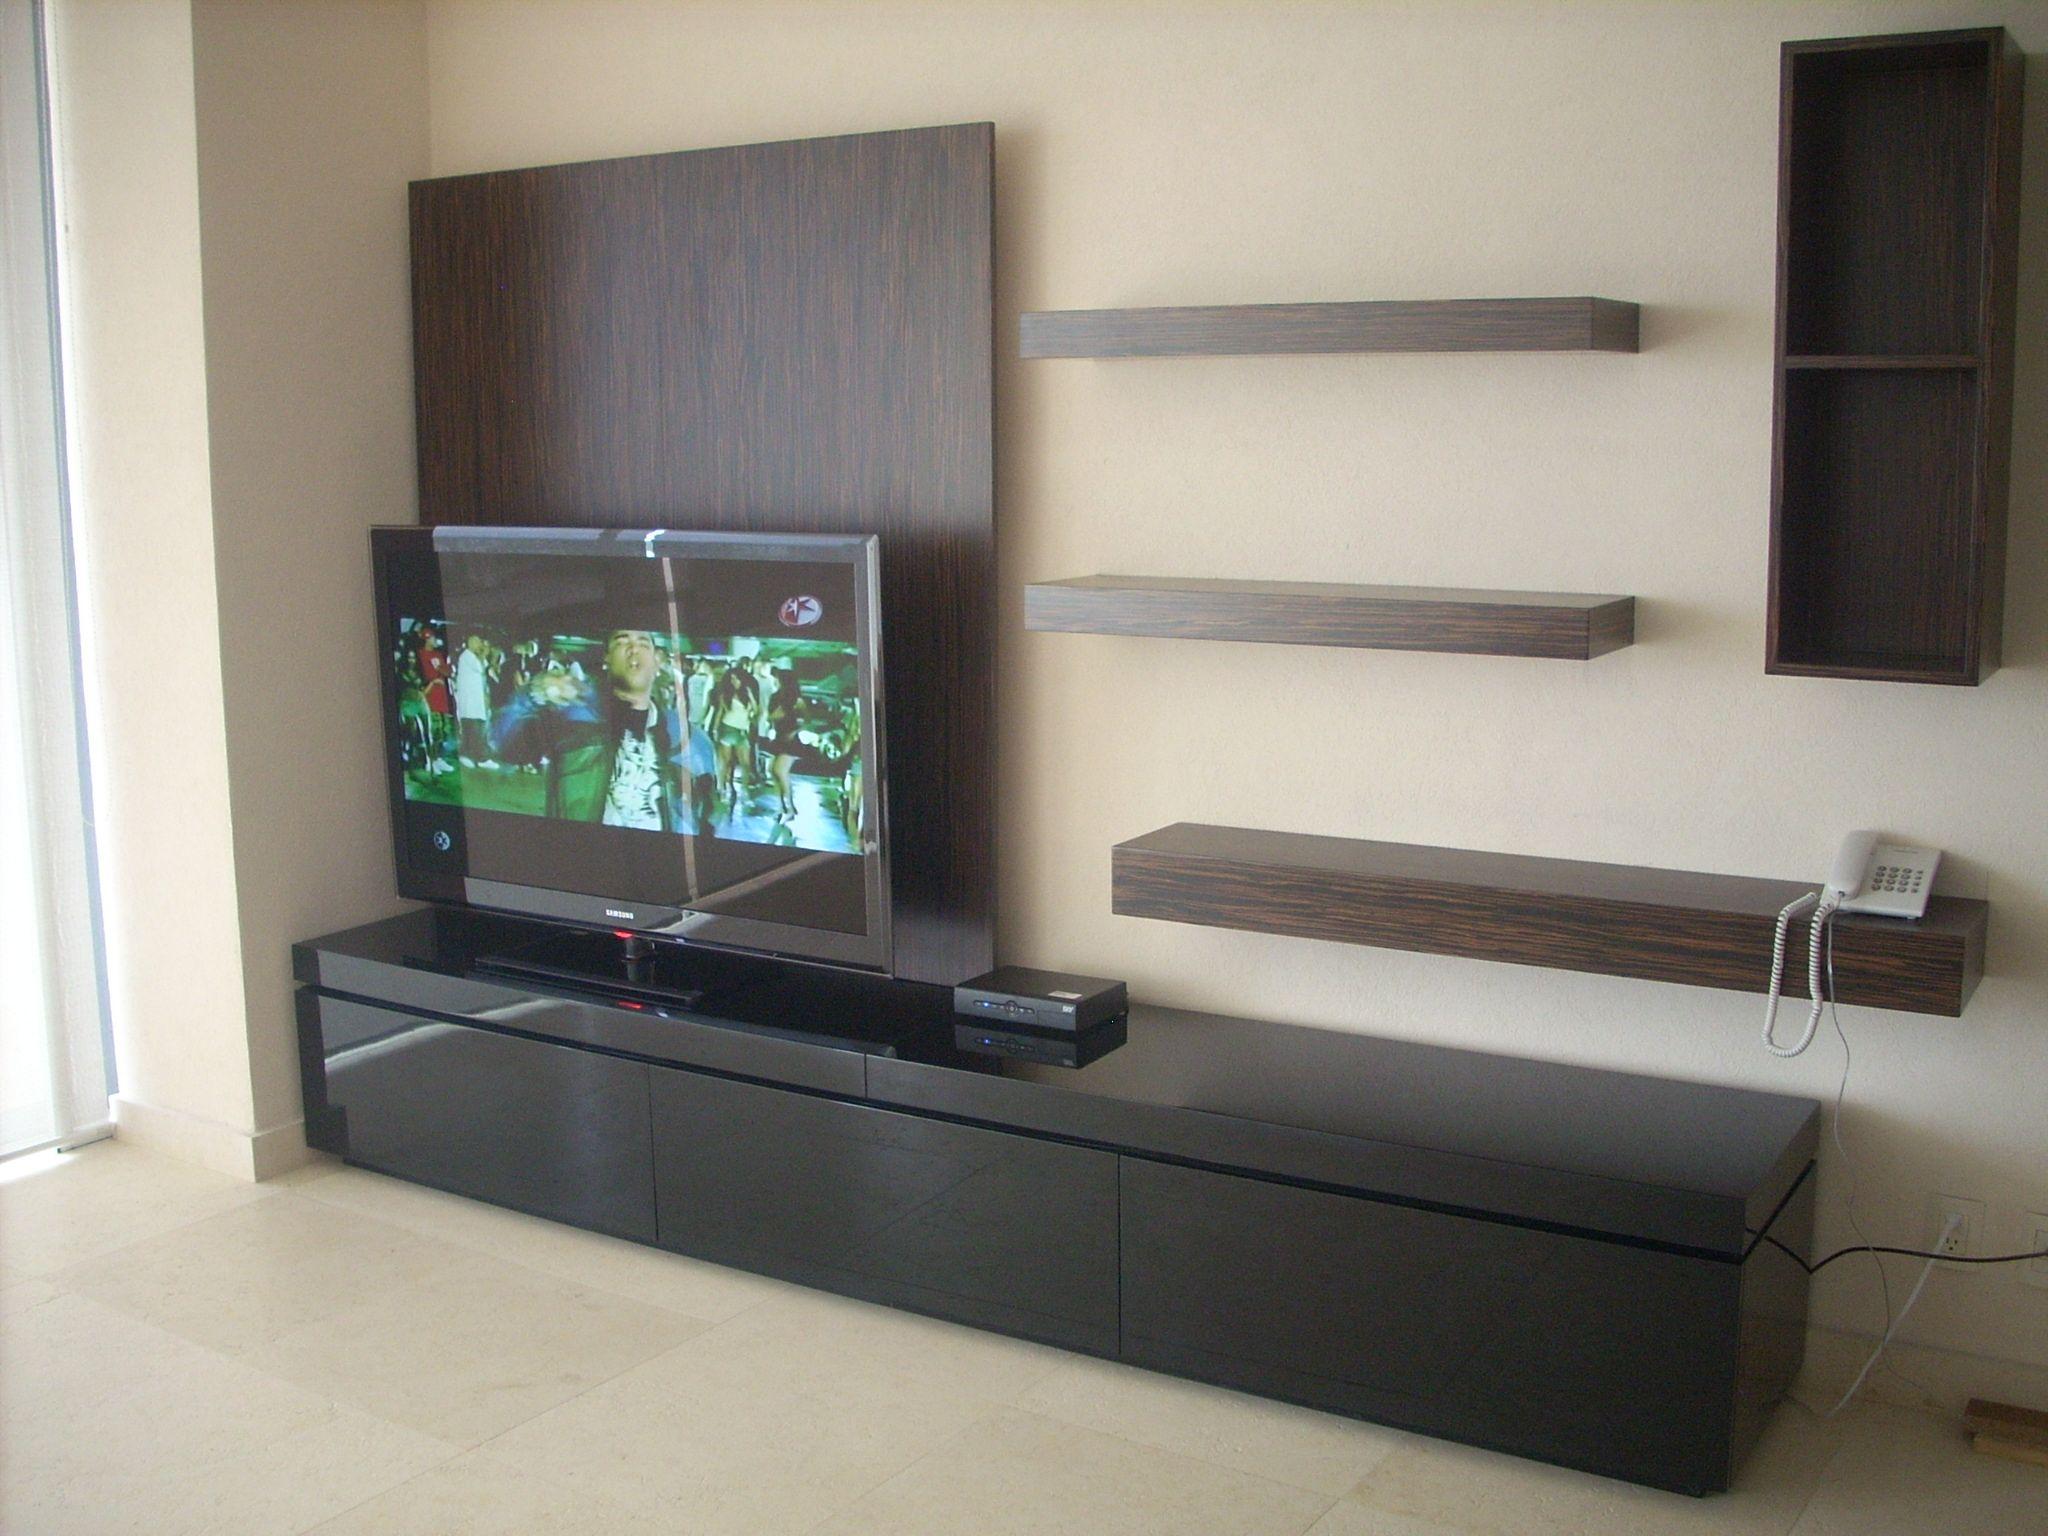 Mueble de television combinado en laca negra al alto for Laca al agua para muebles